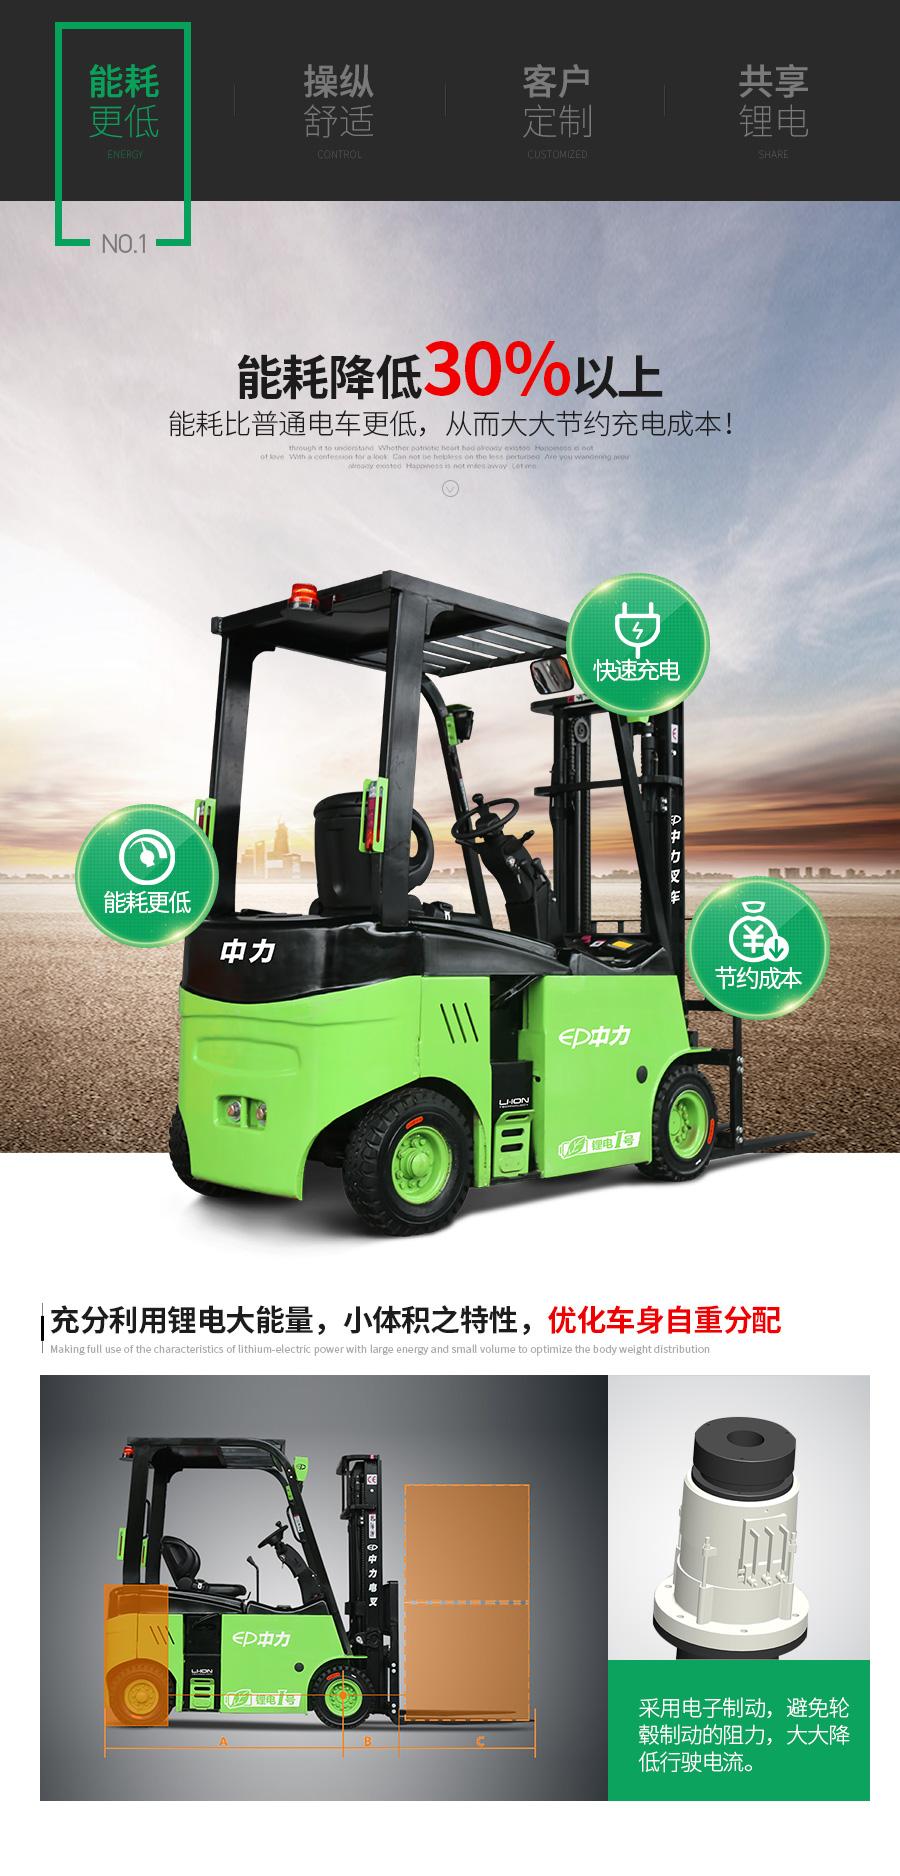 中力CPD15/20L1-1.5/2.0吨电动平衡重叉车 锂电一号 锂电1号